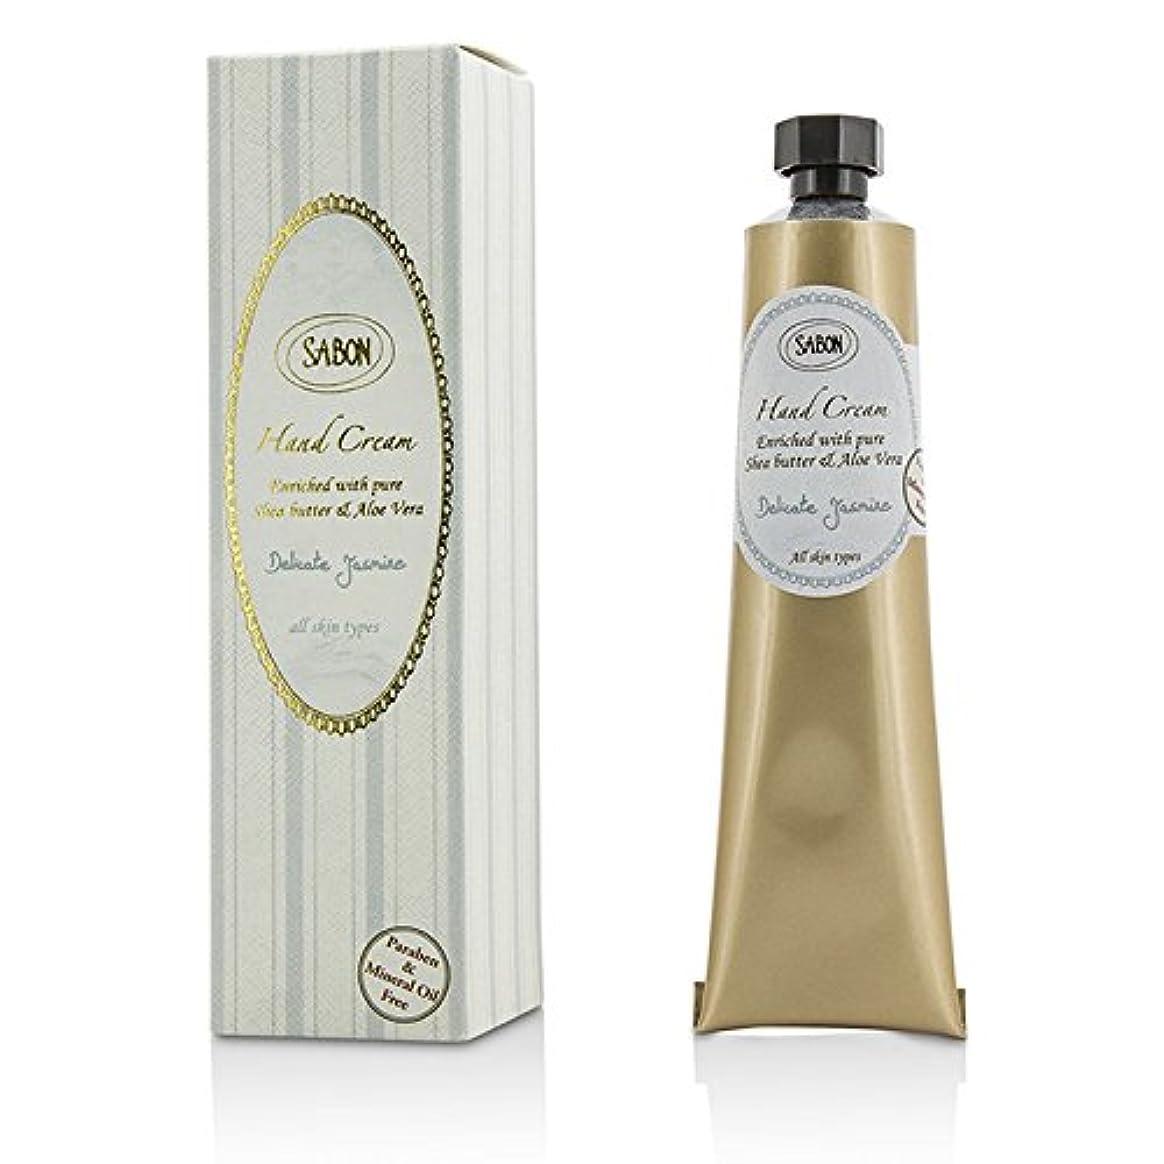 肉コースノートサボン Hand Cream - Delicate Jasmine (Tube) 50ml/1.66oz並行輸入品